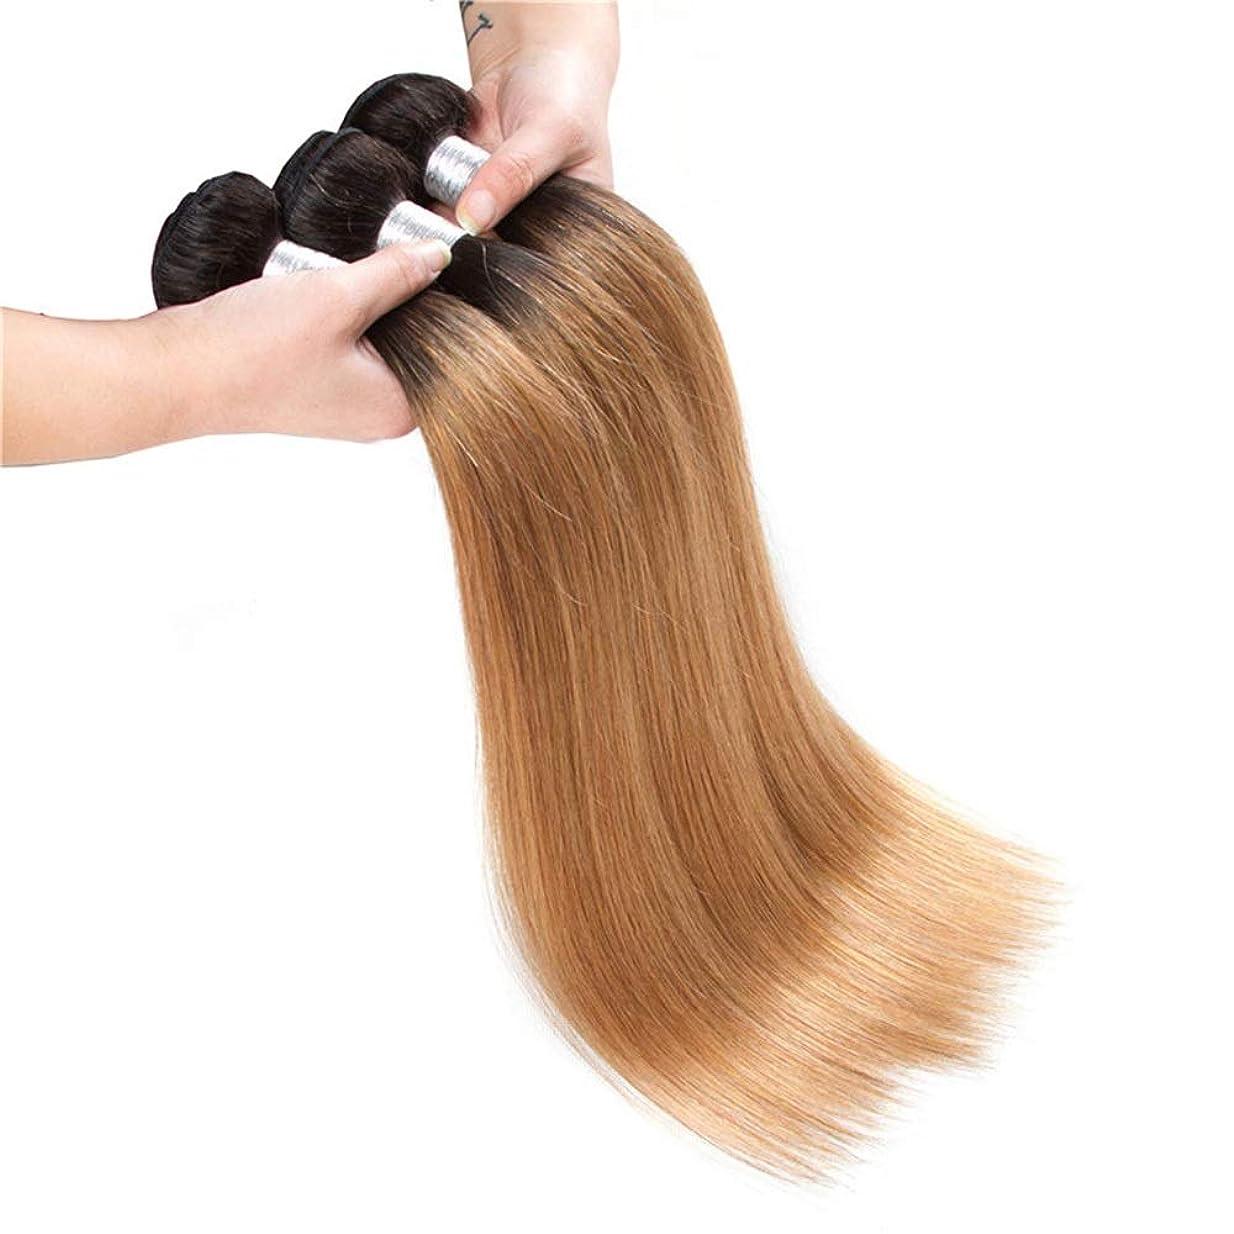 傾向画像相関するVergeania 100%のremy人間の髪のよこ糸の延長10インチ26インチ1バンドルカラー1B / 27黒から茶色への2色カラーブラウンかつらロングブラウンかつらかつら (色 : ブラウン, サイズ : 12 inch)